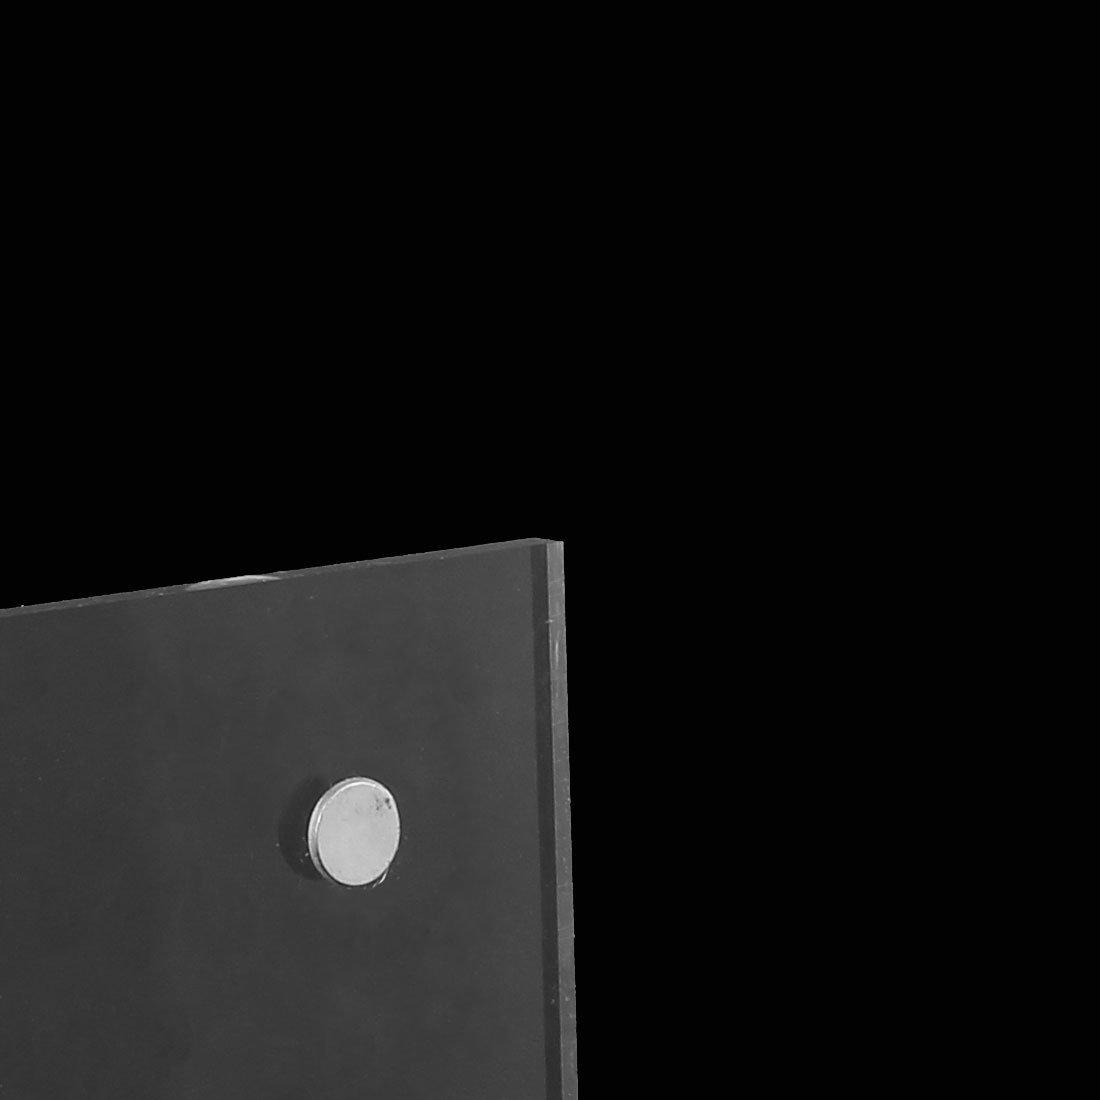 eDealMax Forte magnetismo orizzontale Pubblicità Tag Display Card supporto del banco di menù a prezzo 21x14.8cm